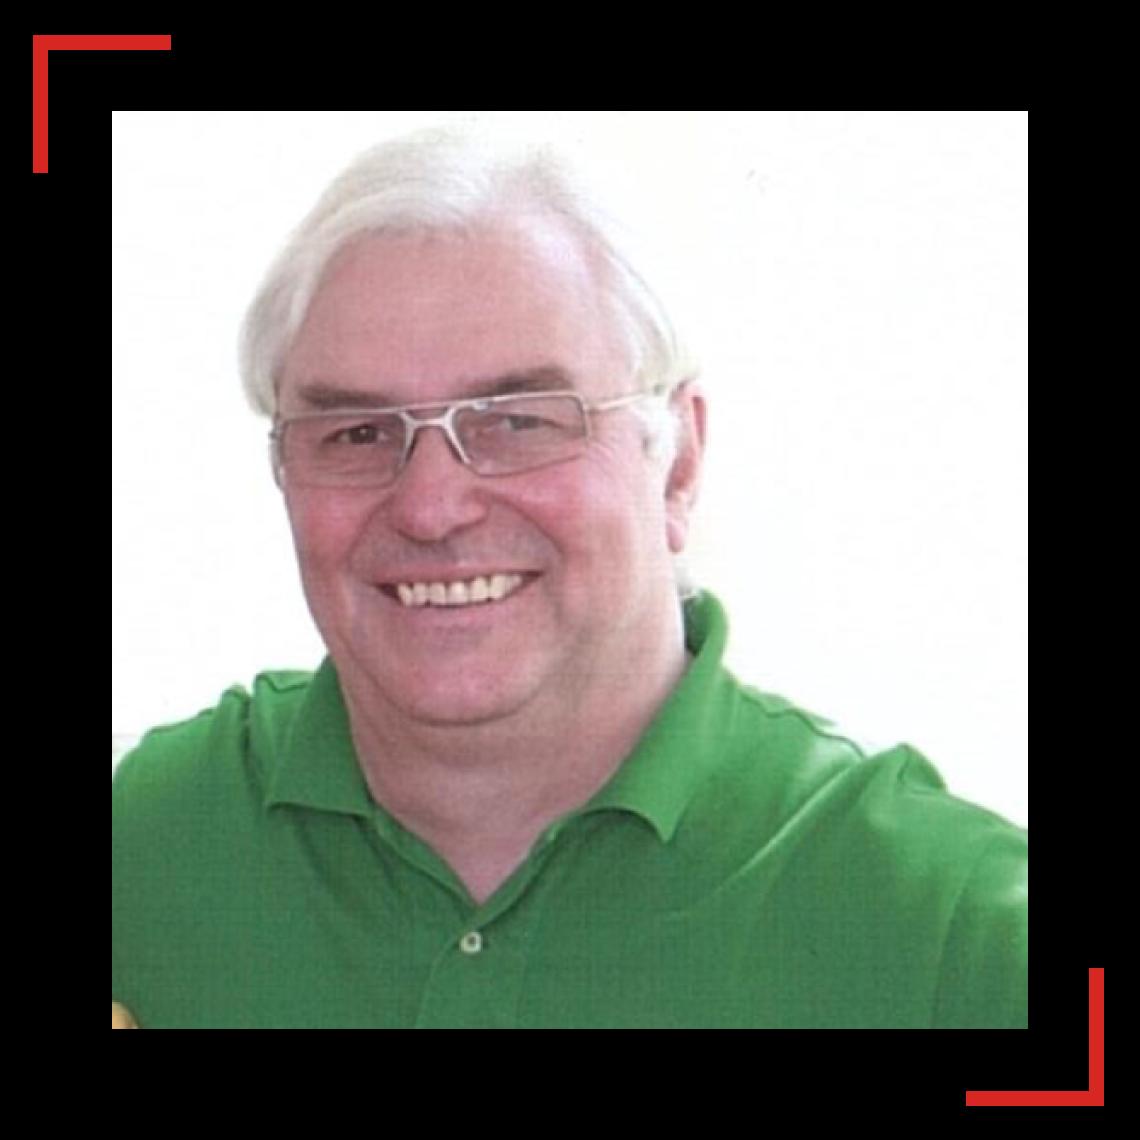 Dr. Karl Richter